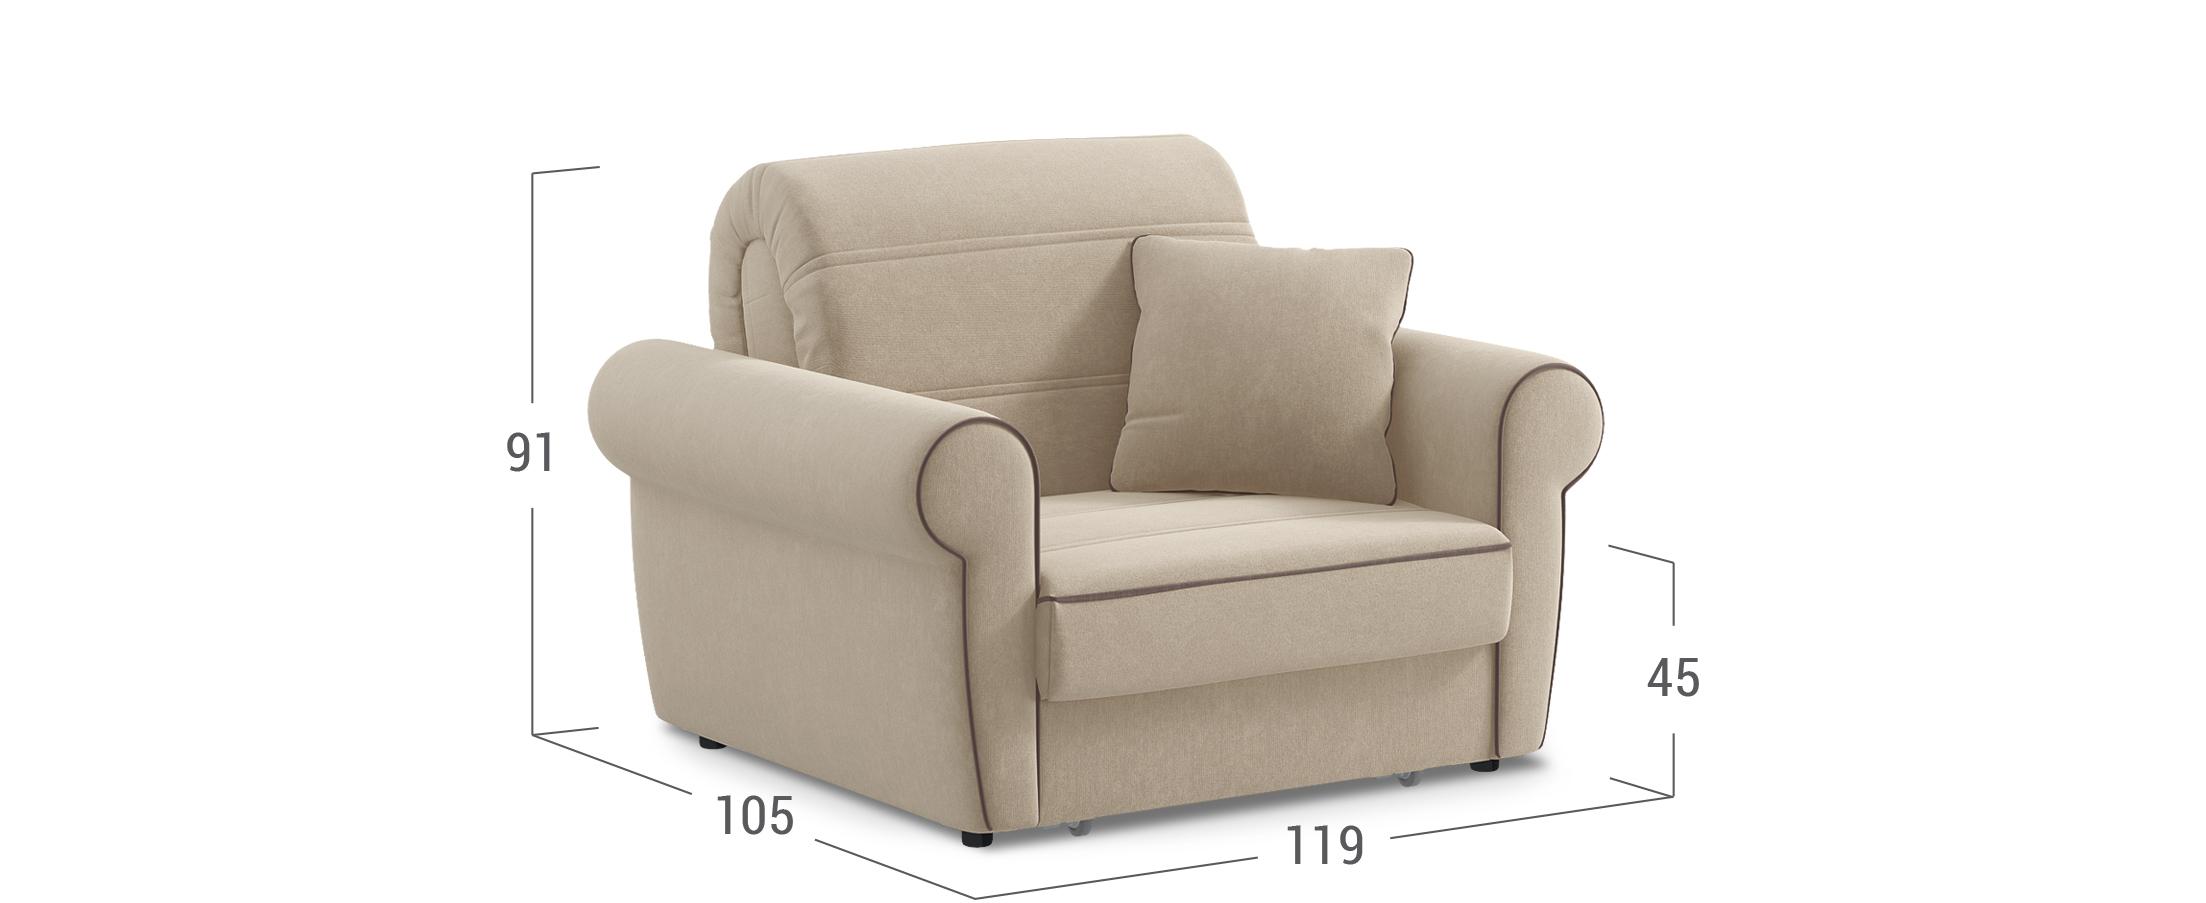 Кресло раскладное Гамбург 123Купить бежевое кресло-кровать Гамбург 123. Доставка от 1 дня. Подъём, сборка, вынос упаковки. Гарантия 18 месяцев. Интернет-магазин мебели MOON-TRADE.RU<br><br>Ширина спального места см: 80<br>Длина спального места см: 200<br>Ширина см: 119<br>Глубина см: 105<br>Высота см: 91<br>Глубина посадочного места см: 60<br>Высота спального места см: 45<br>Основание: Берёзовые латы, Пружинные змейки<br>Механизм: Аккордеон<br>Жёсткость: Средняя<br>Бельевой короб: Нет<br>Чехол: Съёмный<br>Код ткани: 74-1<br>Цвет: Бежевый<br>Материал: Велюр<br>Мягкий настил: ППУ<br>Каркас: Металлокаркас<br>Модель: Гамбург